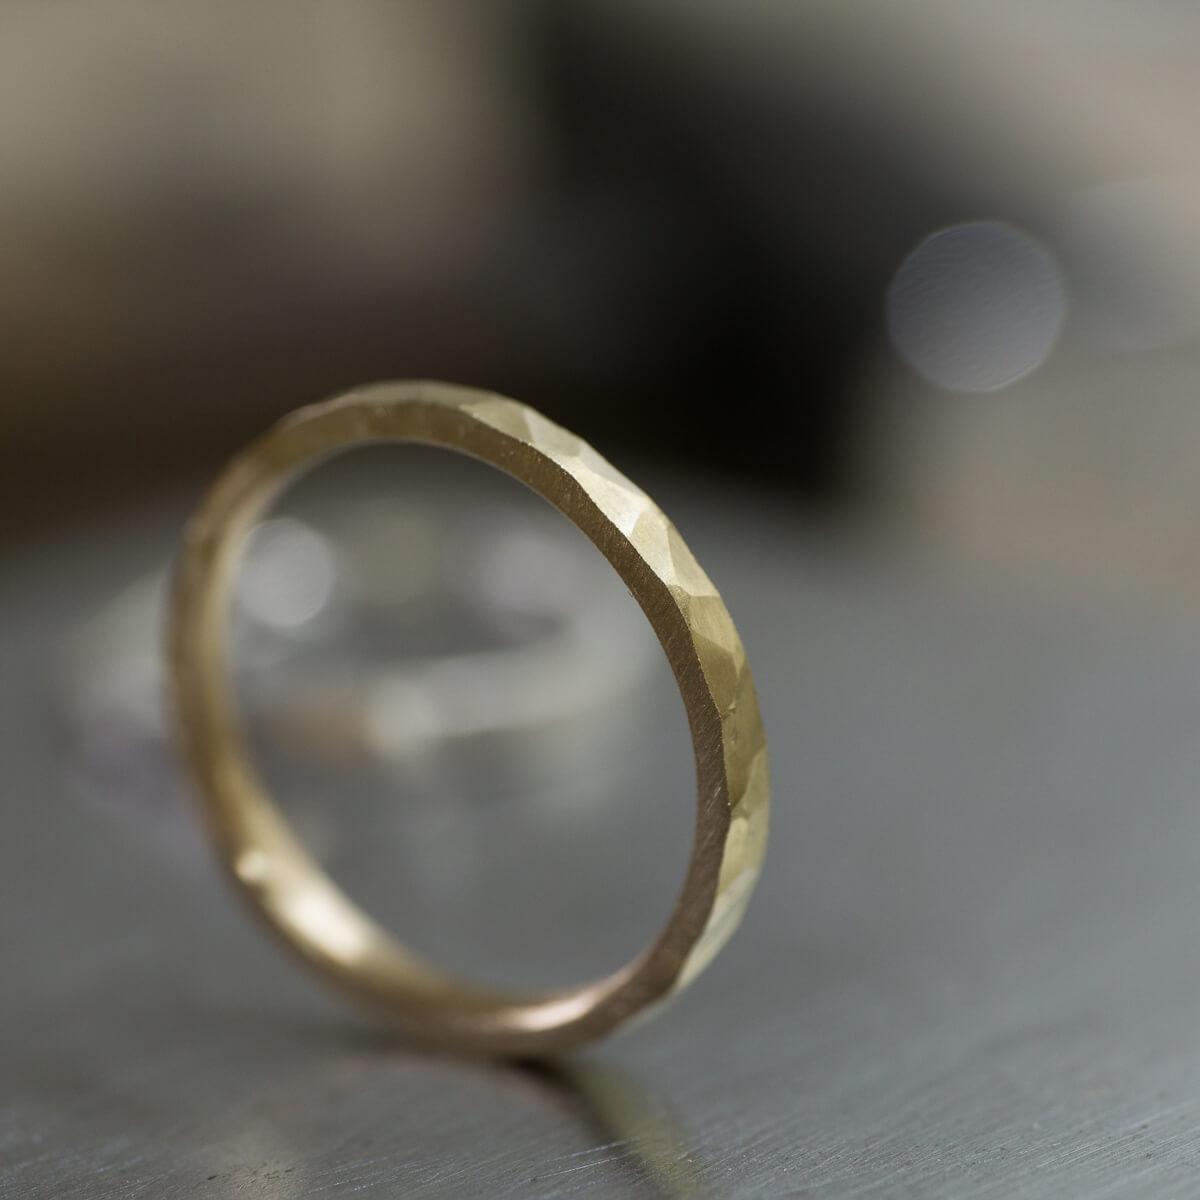 オーダーメイドマリッジリングの制作風景 ジュエリーのアトリエ ゴールドリング 屋久島でつくる結婚指輪